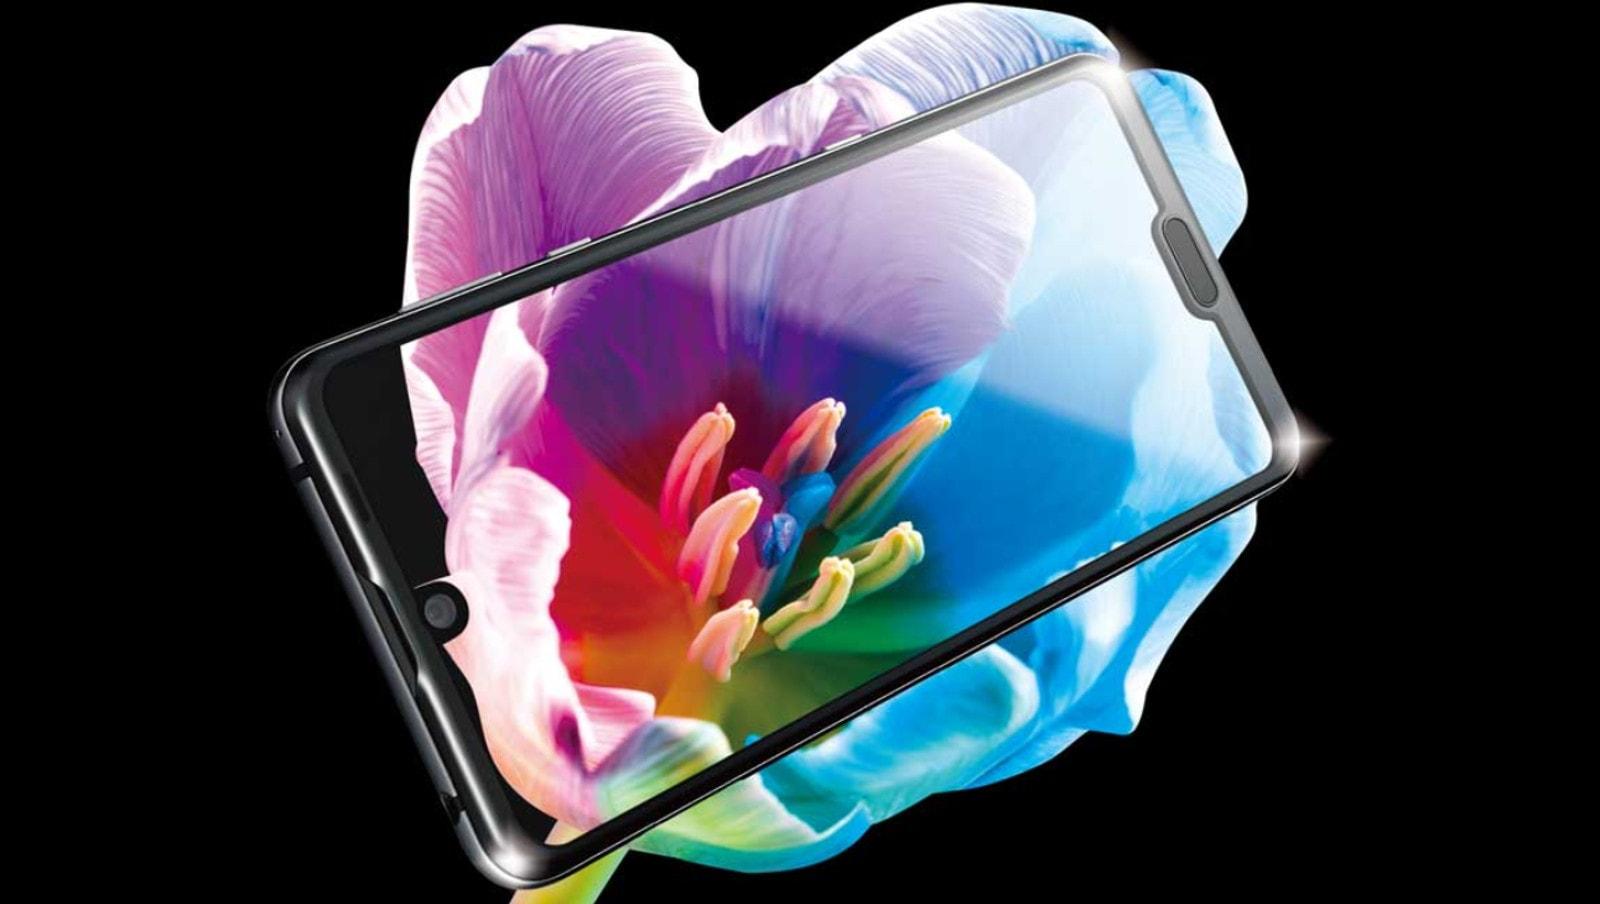 Deux encoches sur un smartphone : Sharp a osé avec l'Aquos R3